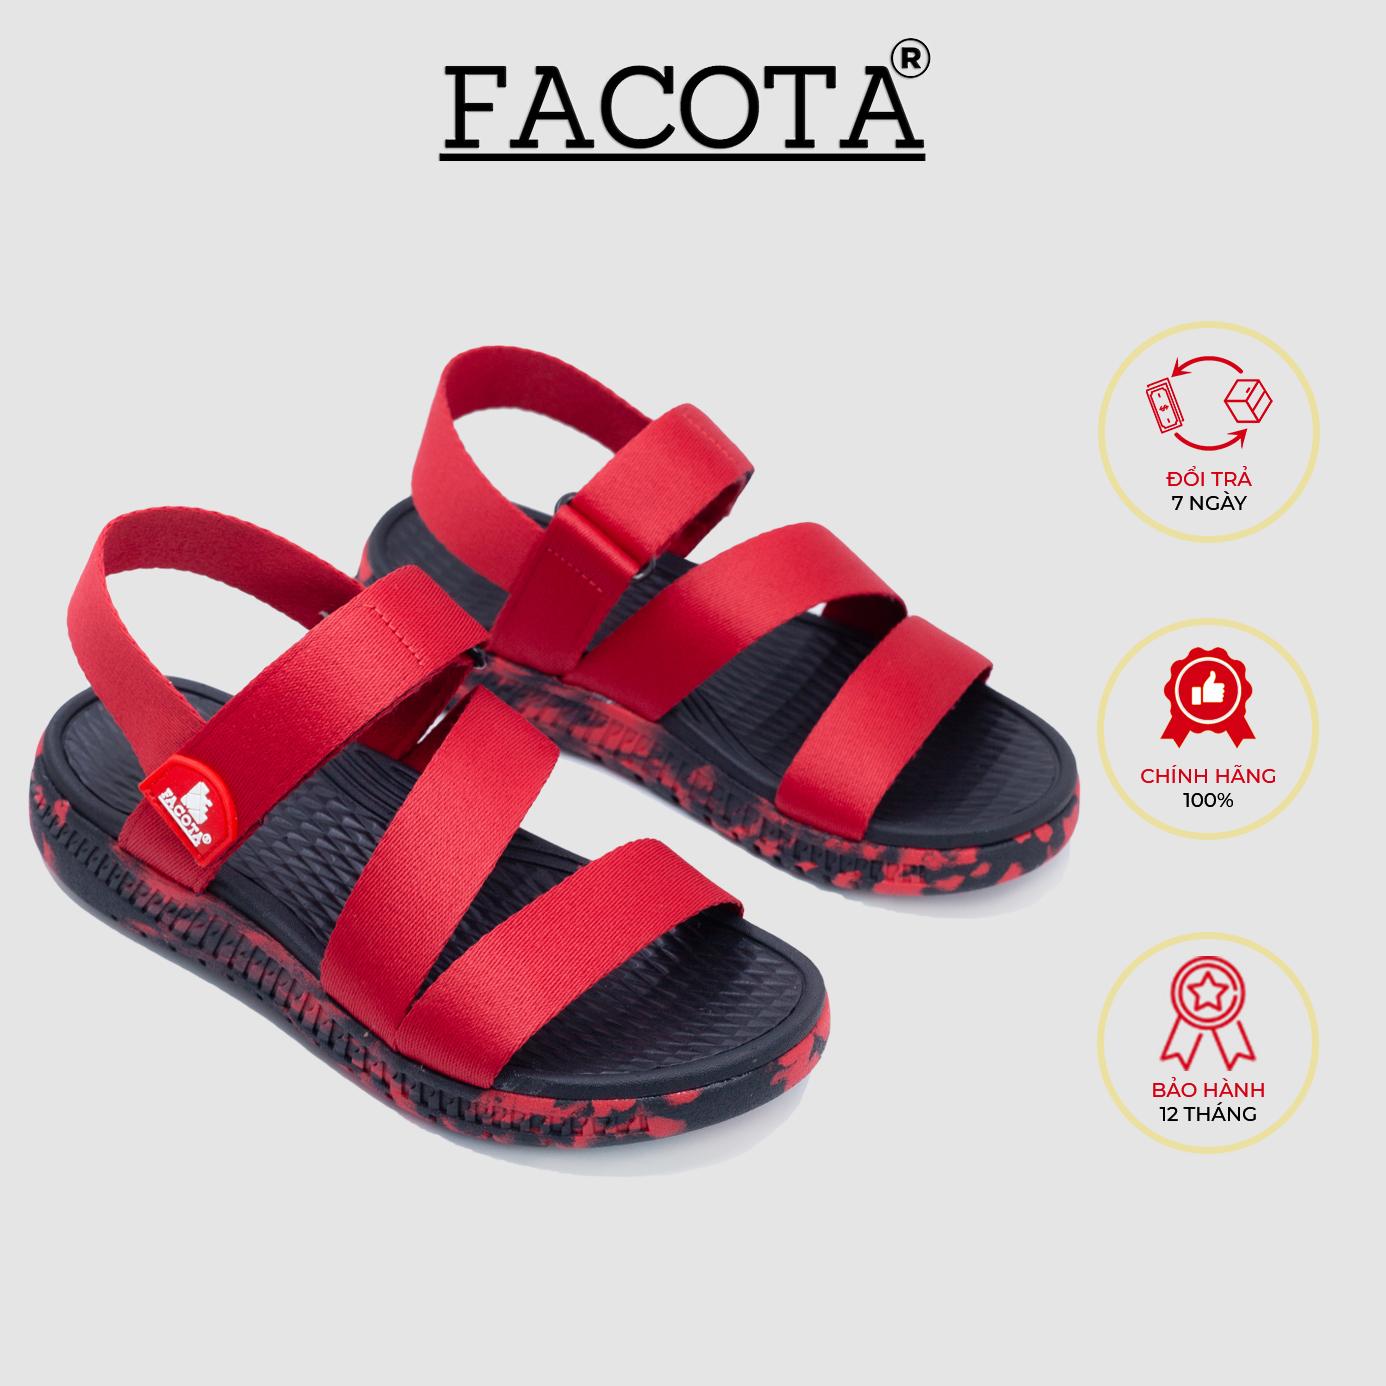 Giày sandal nam Facota HA16 chính hãng sandal thể thao quai dù